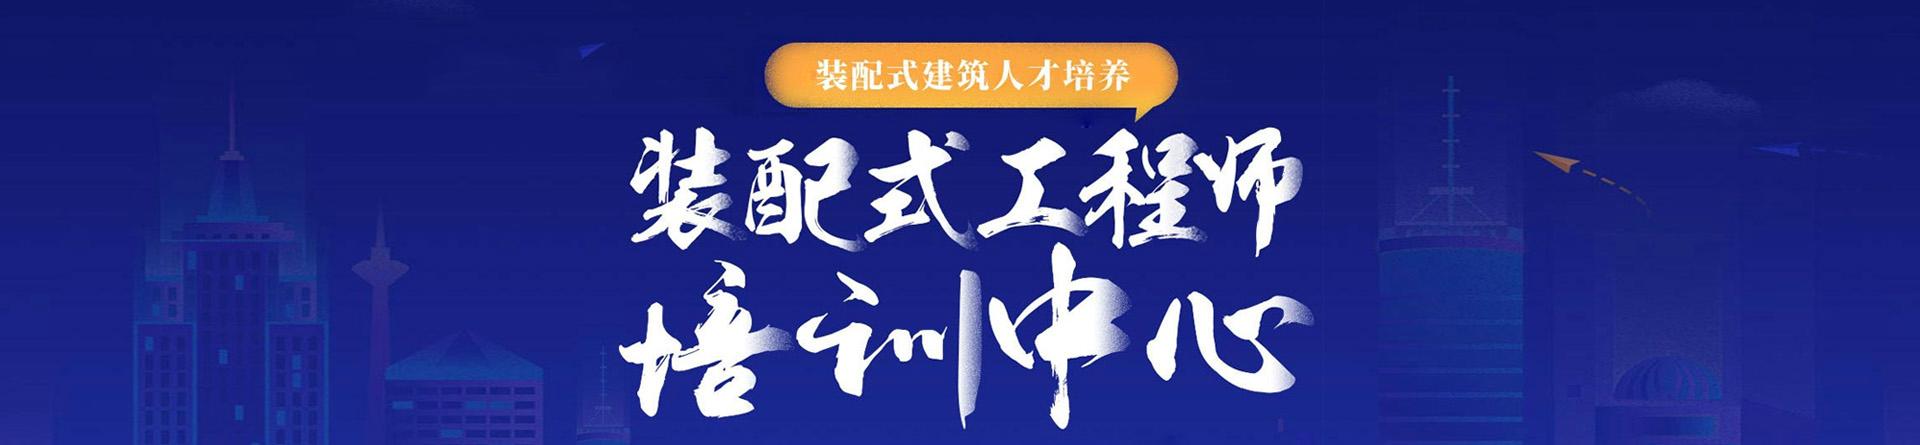 浙江绍兴优路教育培训学校